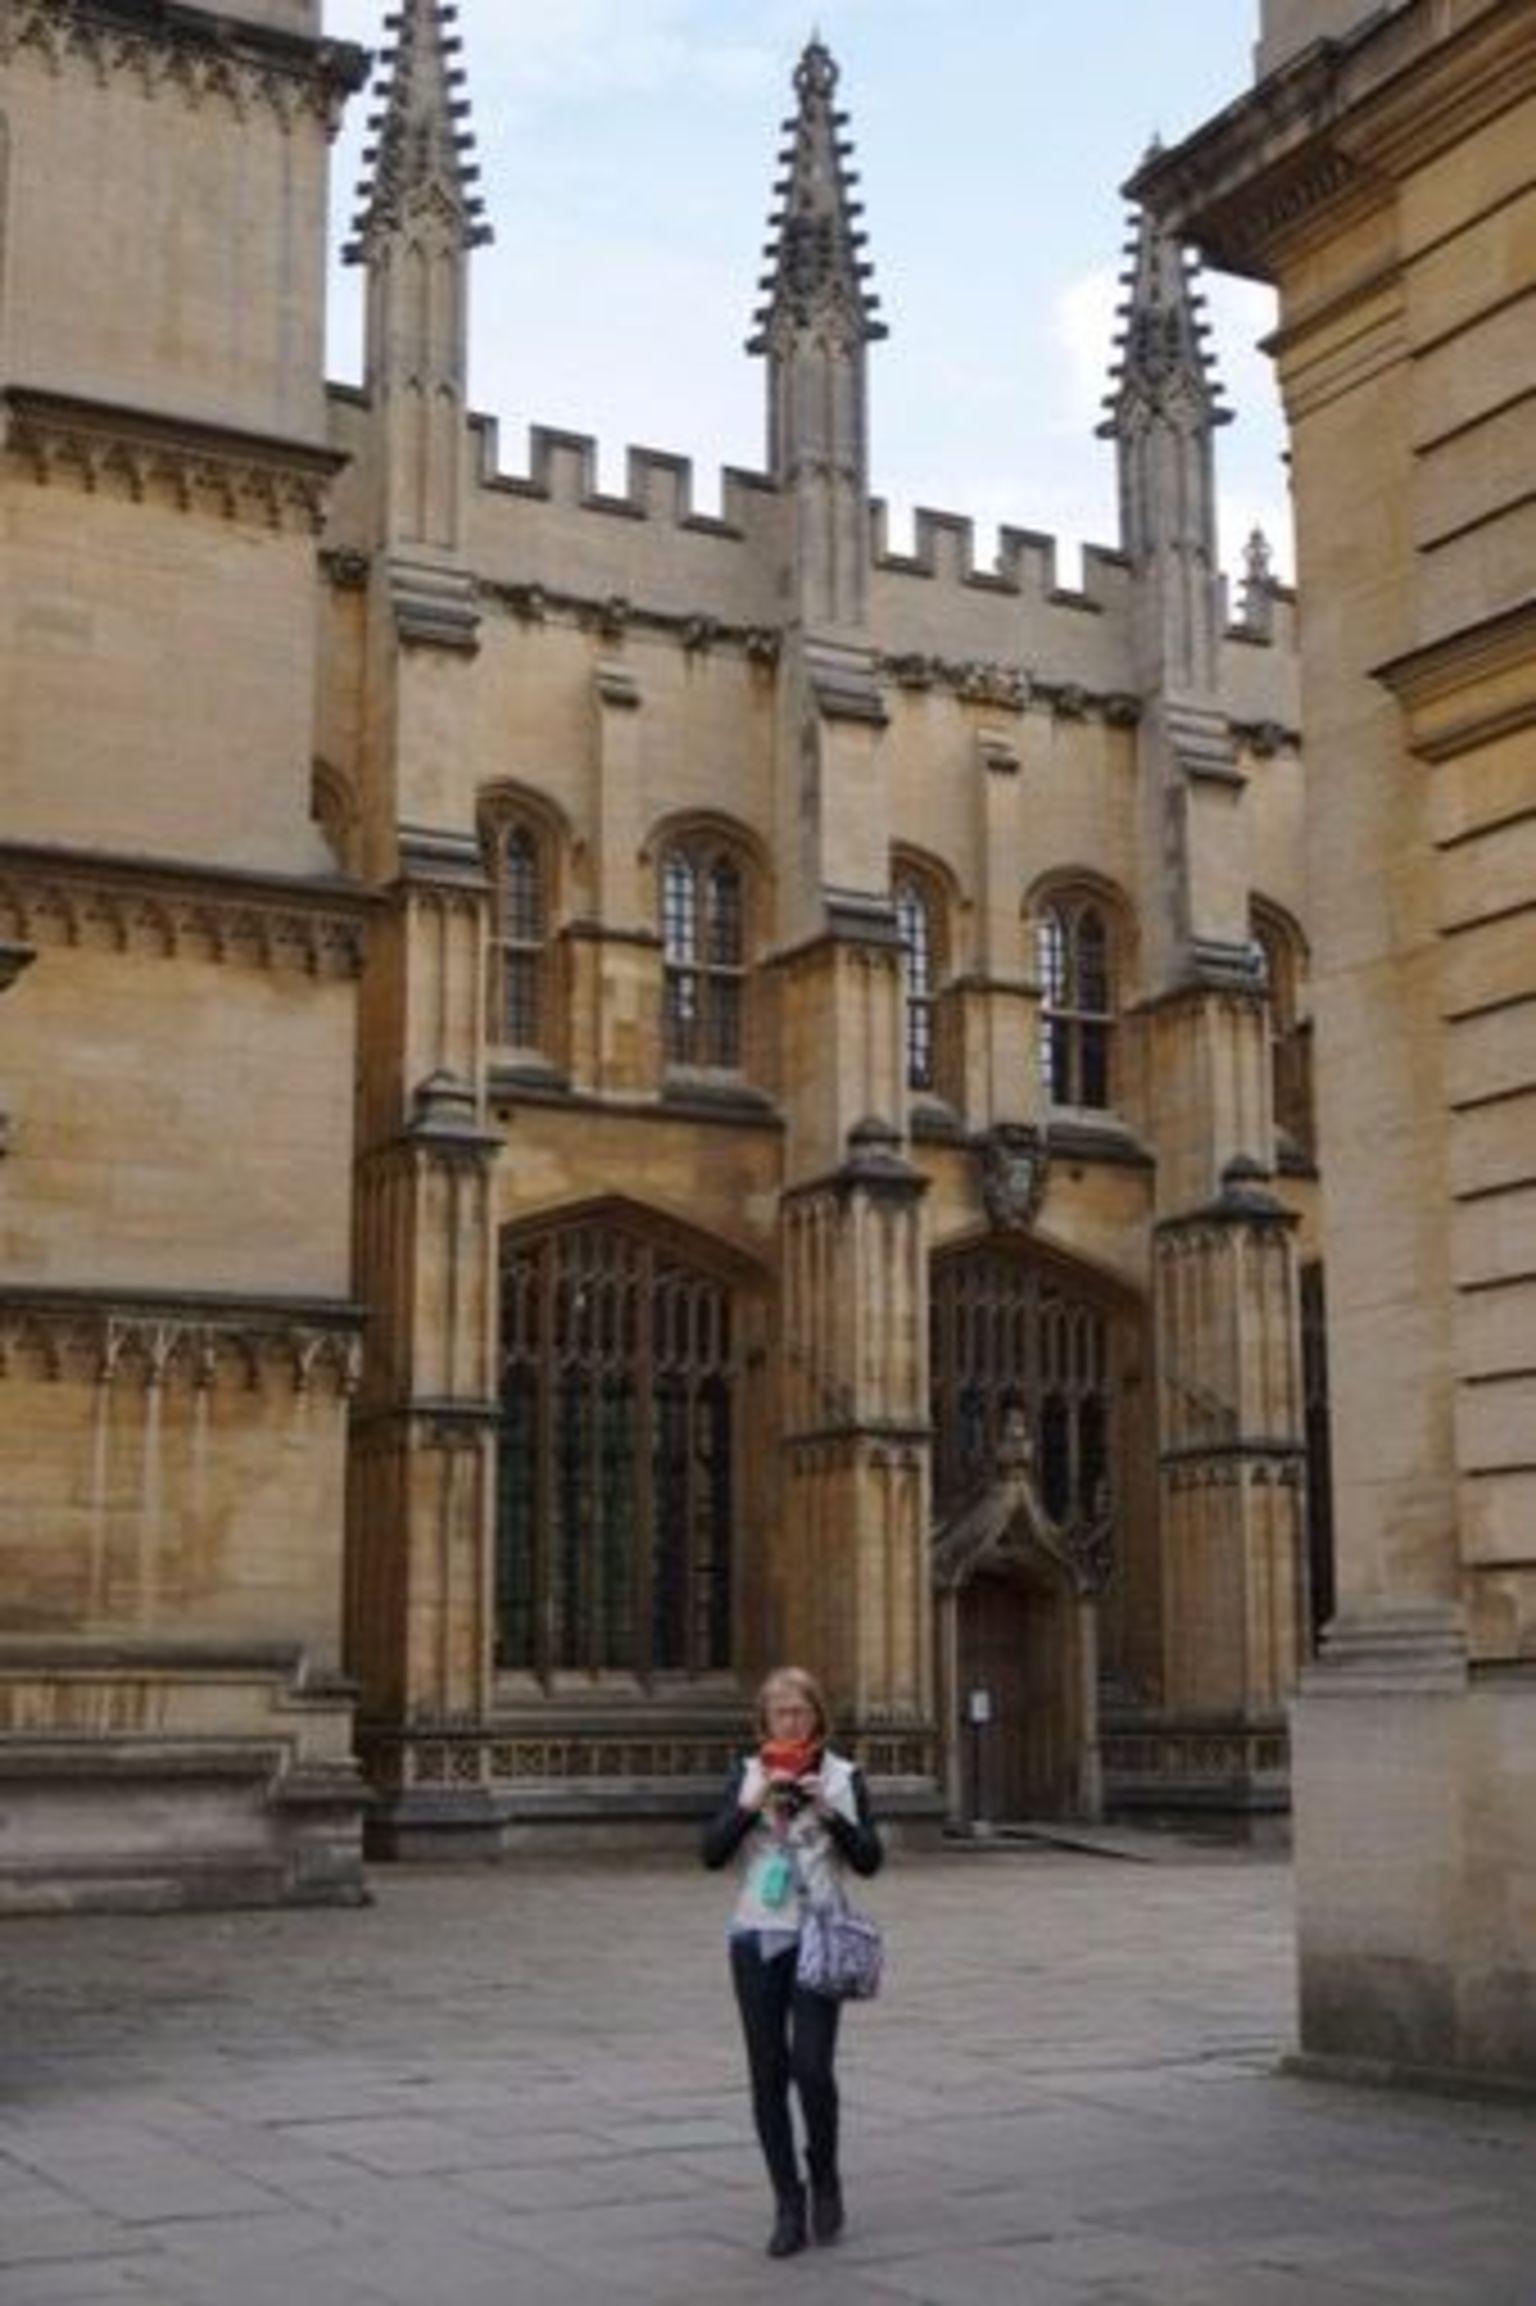 MAIS FOTOS, Viagem diurna saindo de Londres com destino ao Castelo de Windsor, Stonehenge e Oxford